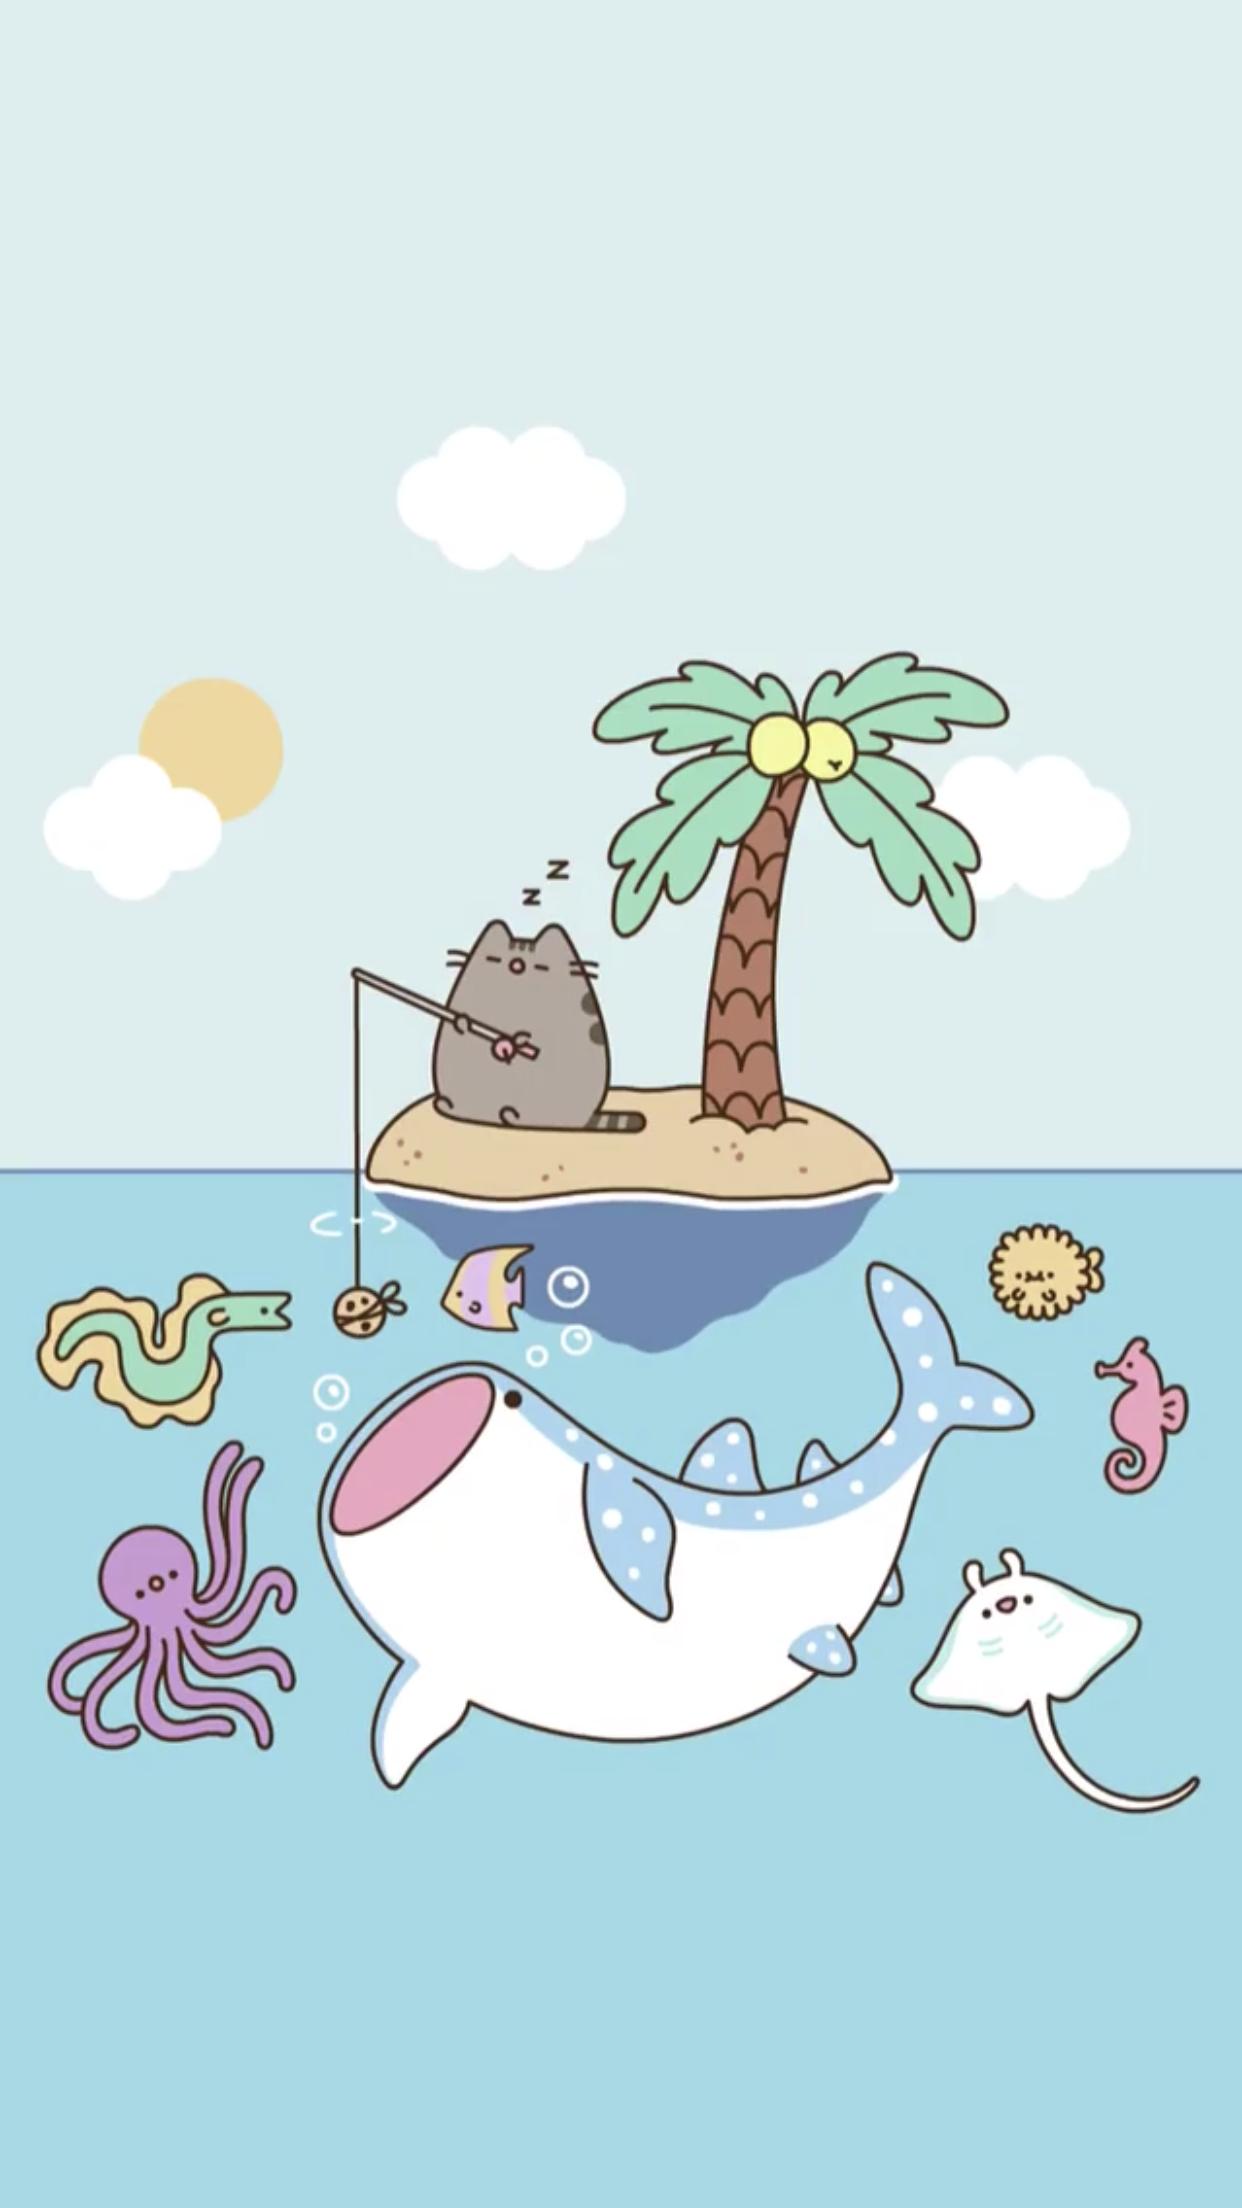 Pusheen The Cat Iphone Wallpaper Pusheen Cute Pusheen Cat Cute Cartoon Wallpapers